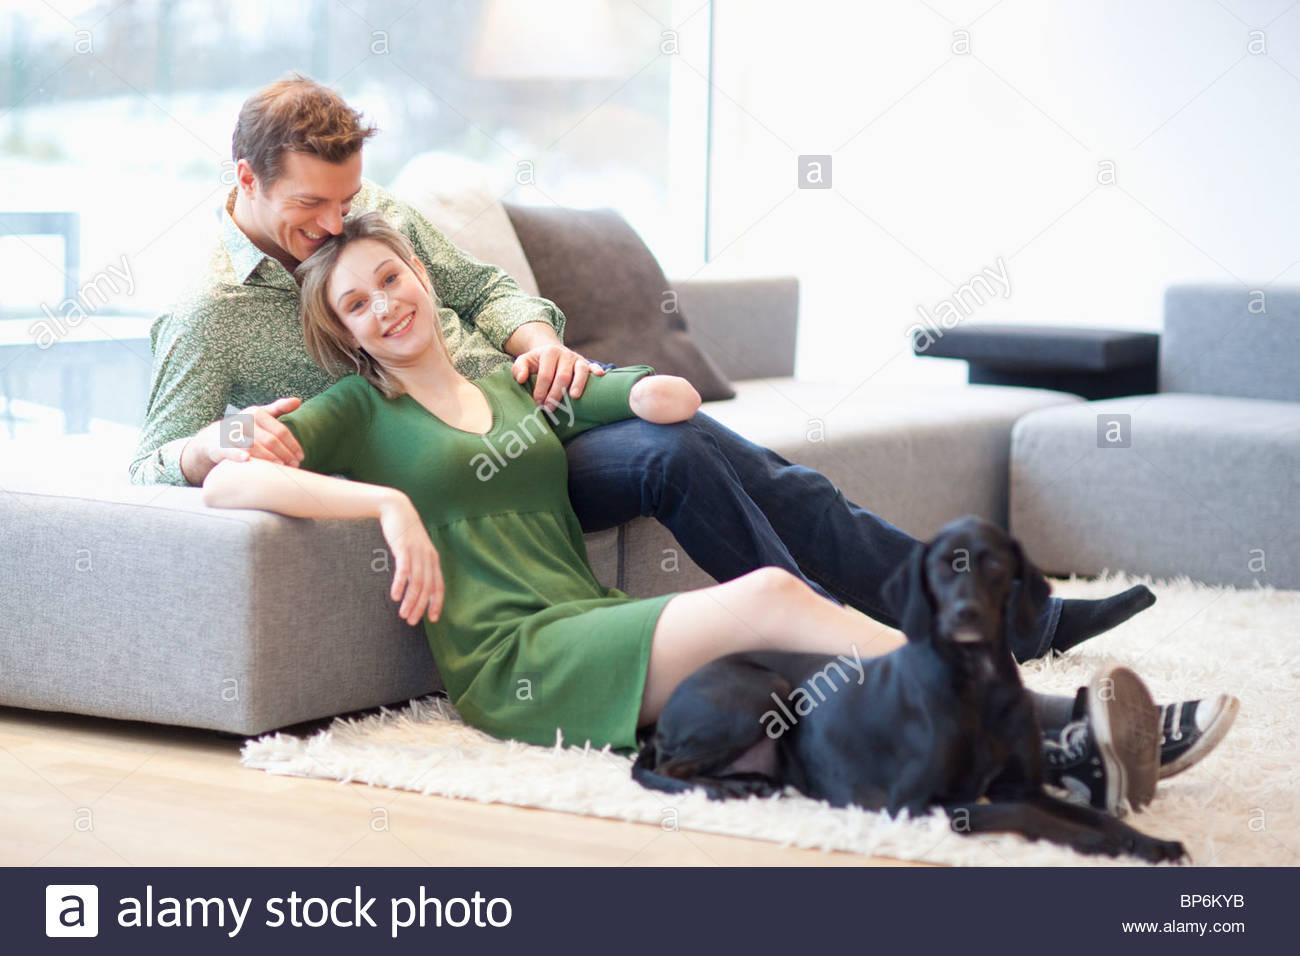 Pareja joven sentado en la sala de estar con el perro, una mujer con el brazo amputado Imagen De Stock